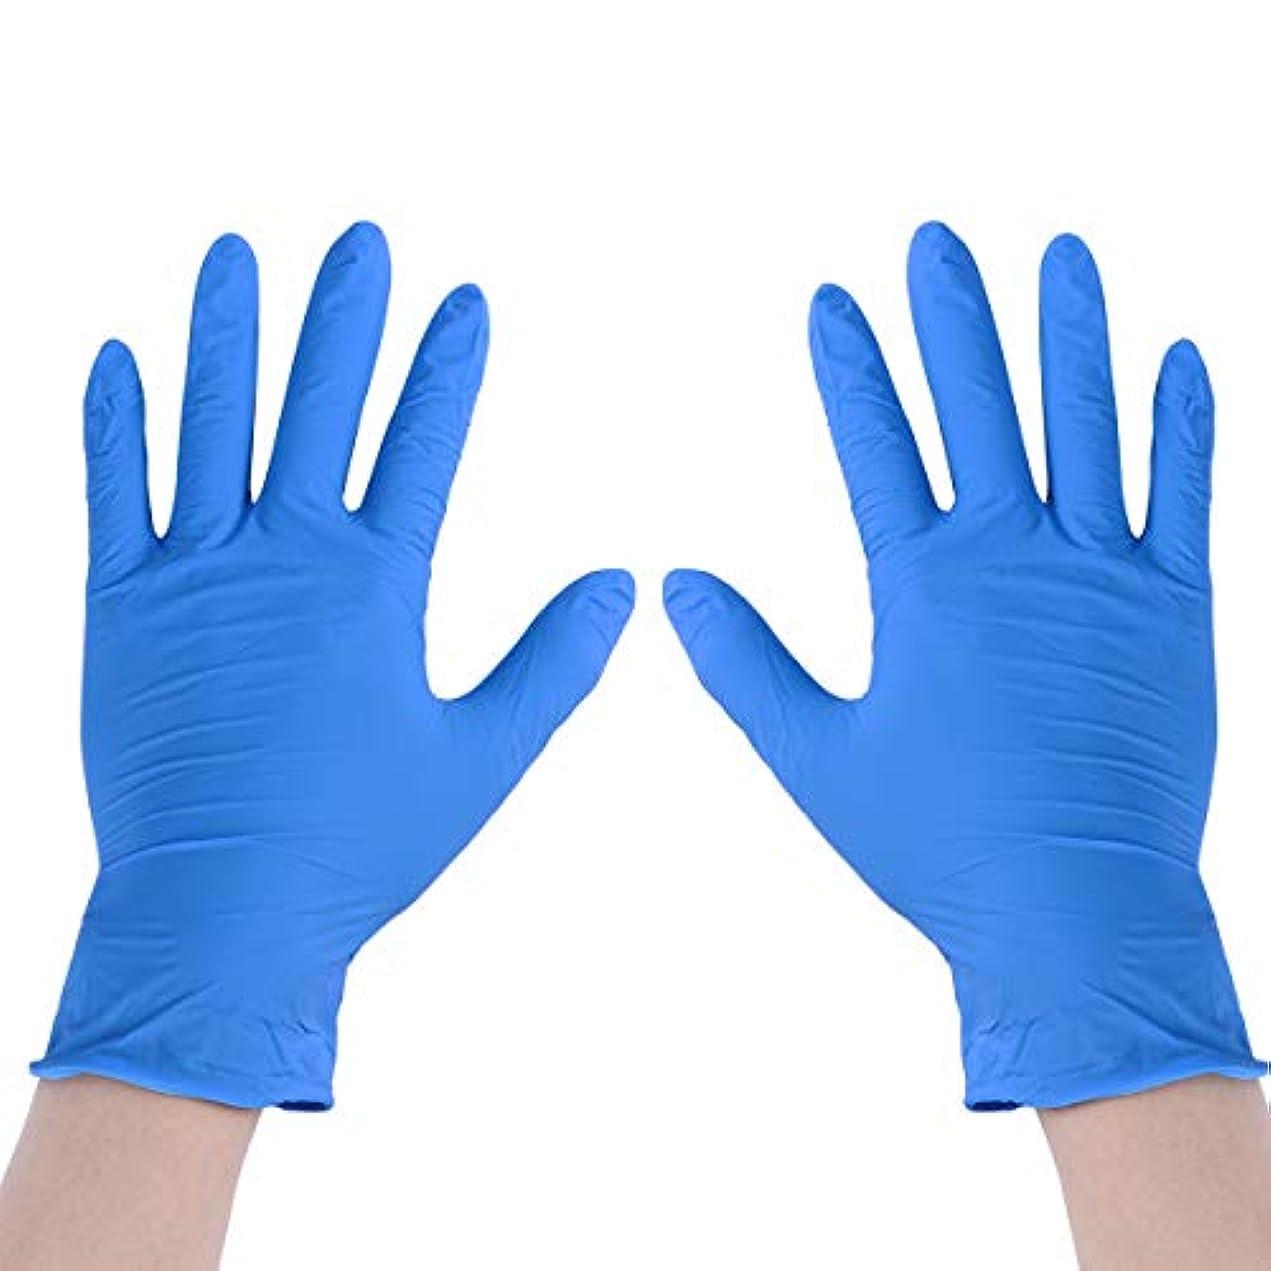 エレベーターフレキシブルバナーFrcolor 使い捨て手袋 ニトリル手袋 ビニール手袋 薄手 作業用 介護用 調理用 炊事用 園芸用 掃除用 9インチ Mサイズ 100枚入(ブルー)